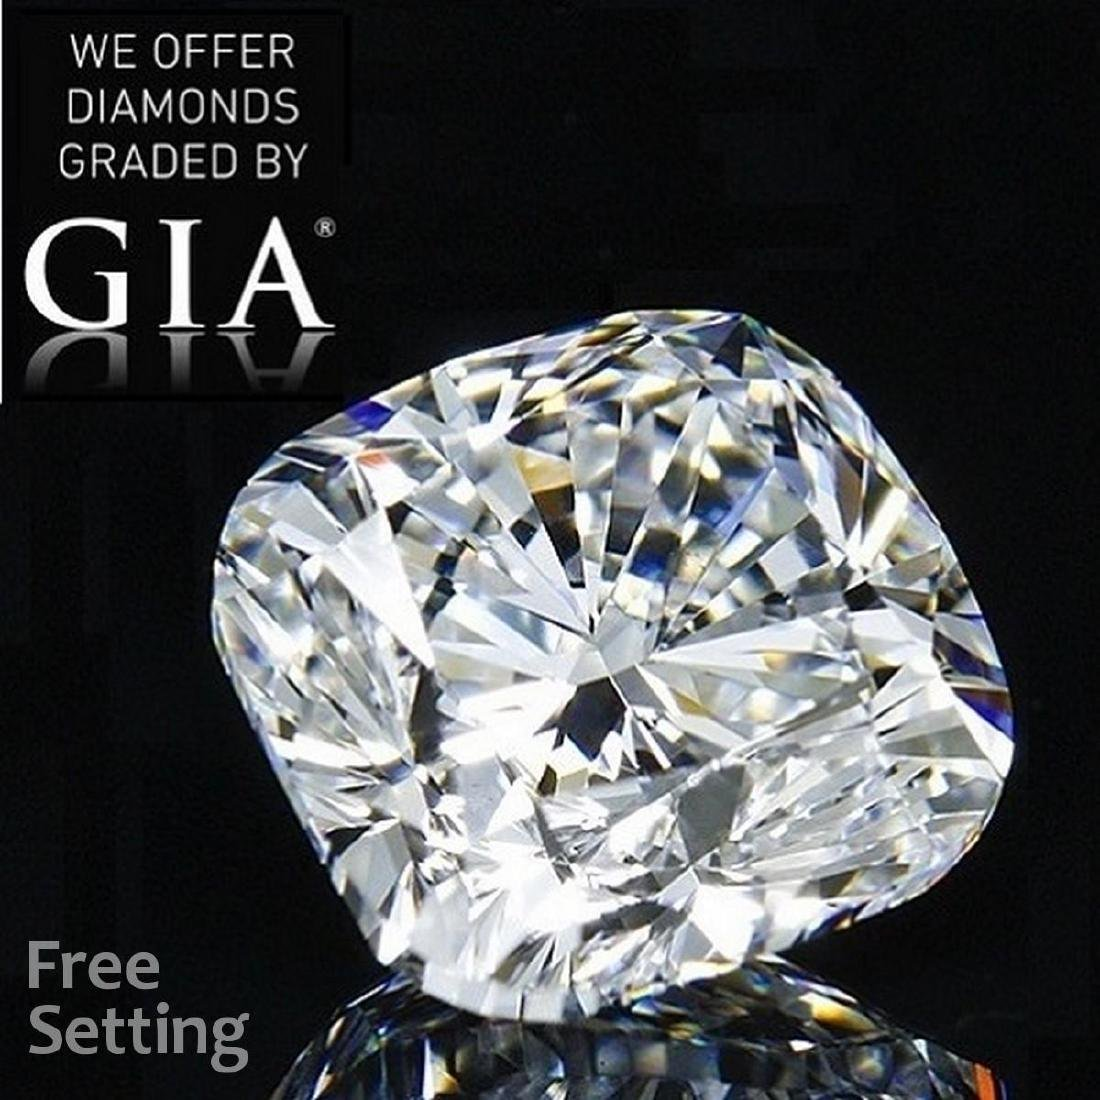 4.02 ct, Color E/VS1, Cushion cut Diamond